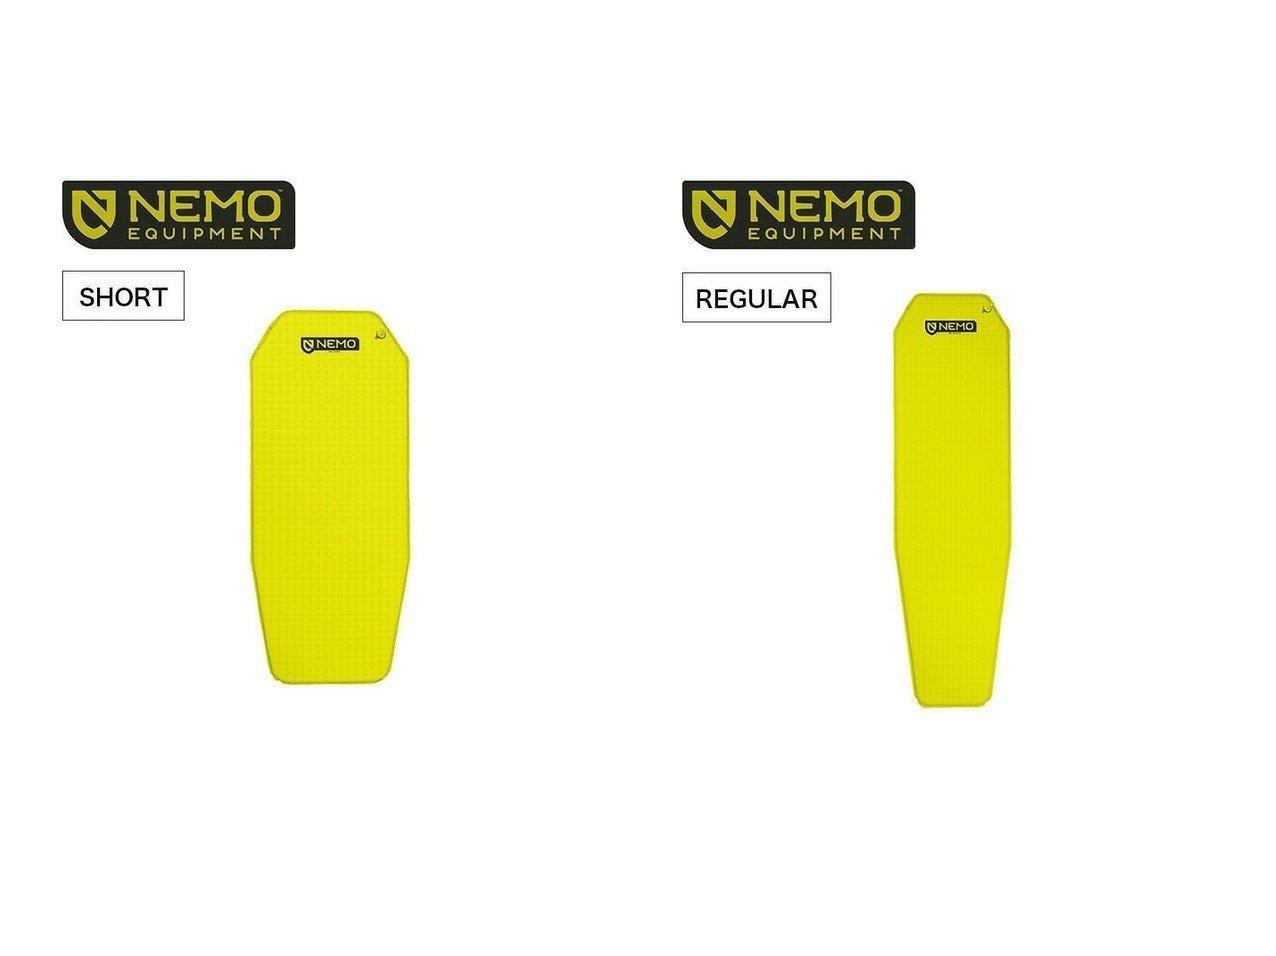 【NEMO Equipment/ニーモイクイップメント】のゾア ショートマミー&ゾア レギュラーマミー おすすめ!人気キャンプ・アウトドア用品の通販 おすすめファッション通販アイテム インテリア・キッズ・メンズ・レディースファッション・服の通販 founy(ファニー)  ファッション Fashion メンズファッション MEN コンパクト セットアップ バランス フォーム 軽量 |ID:crp329100000037454